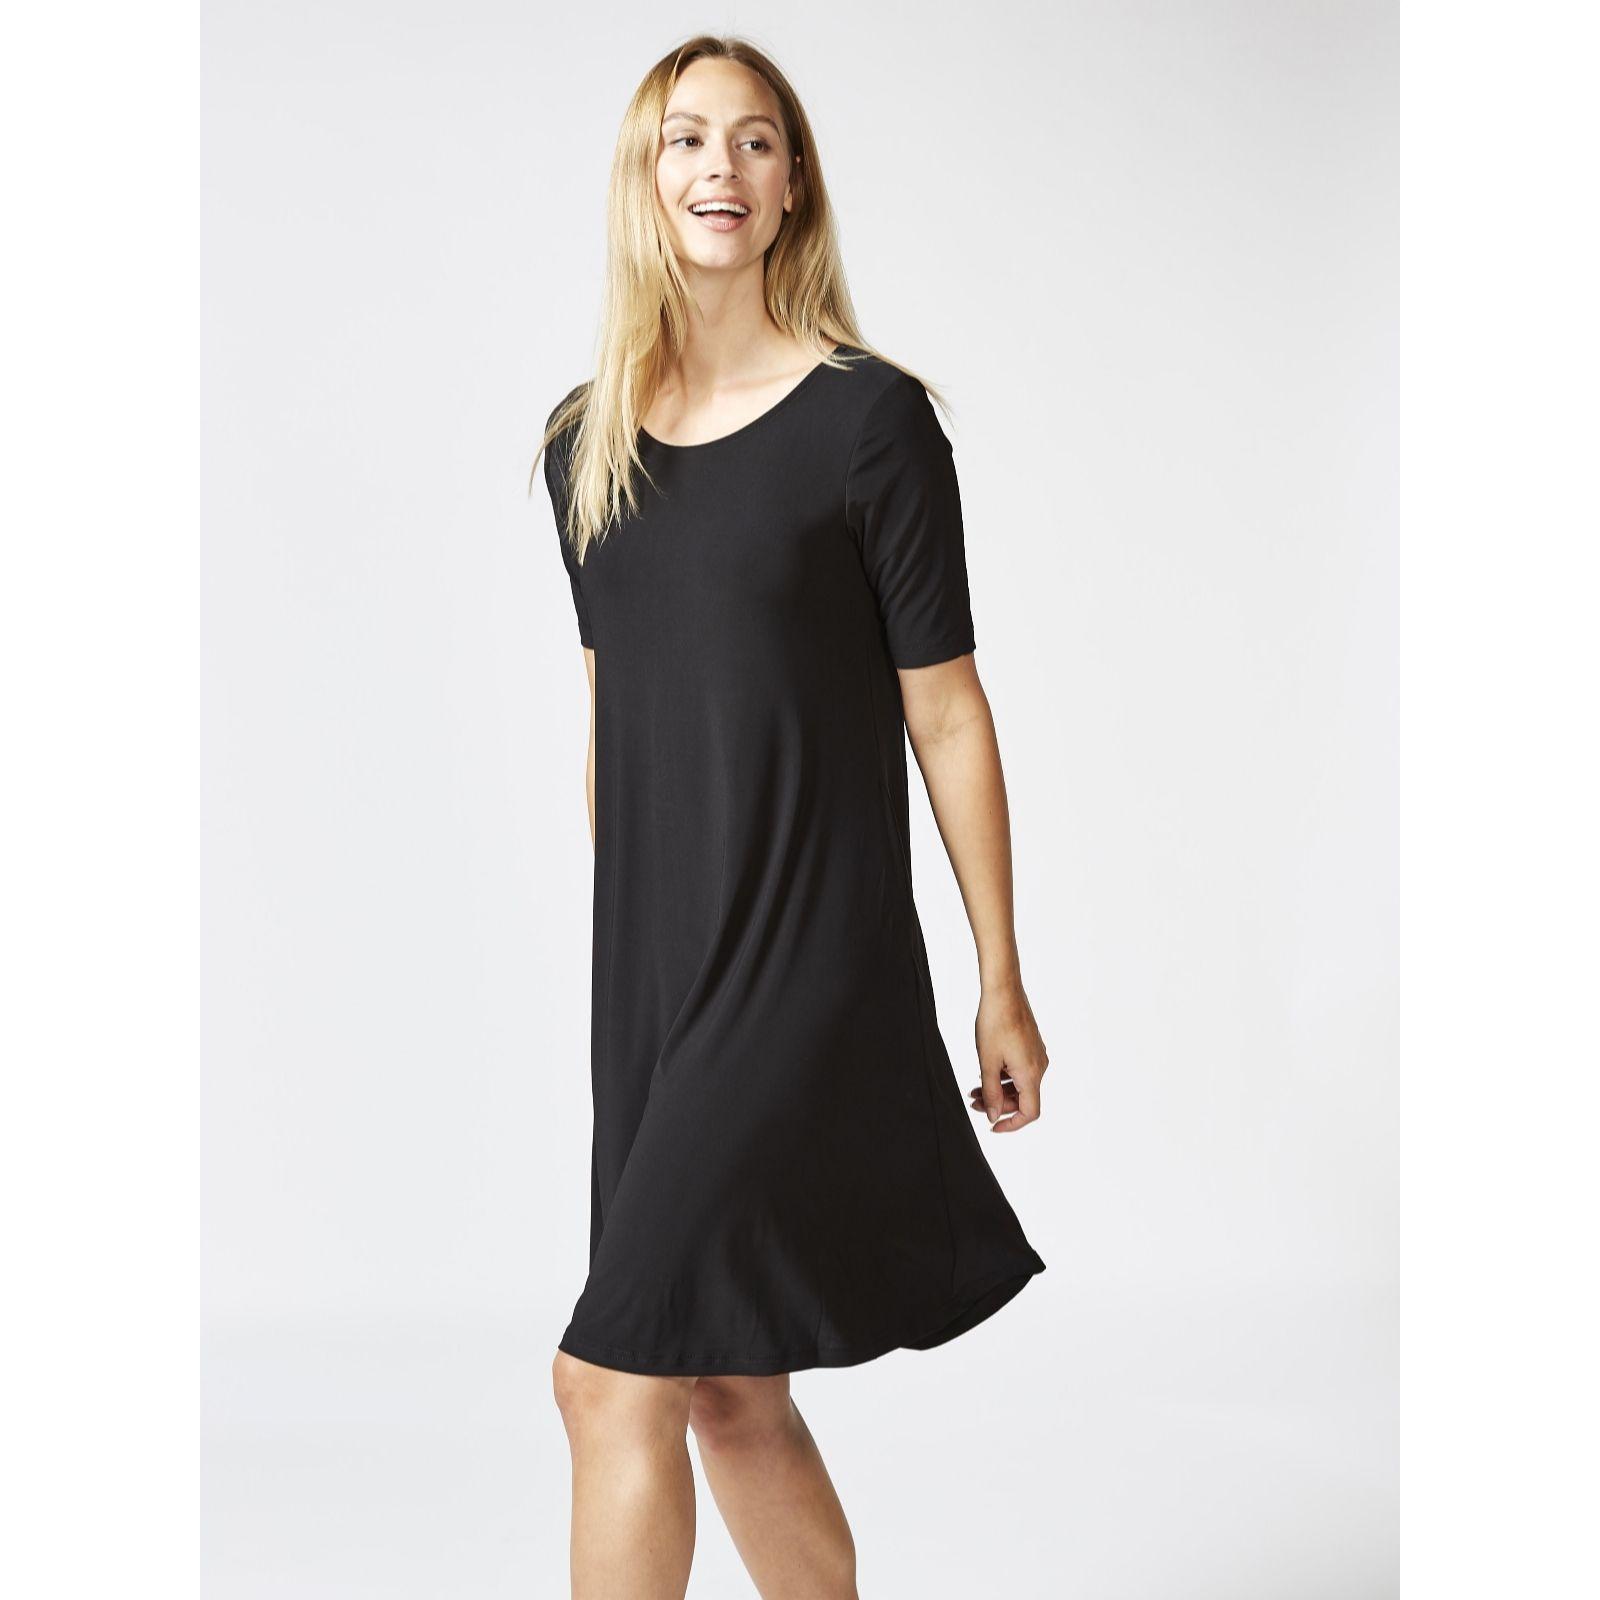 d16ab68f536 Qvc nina leonard fashions